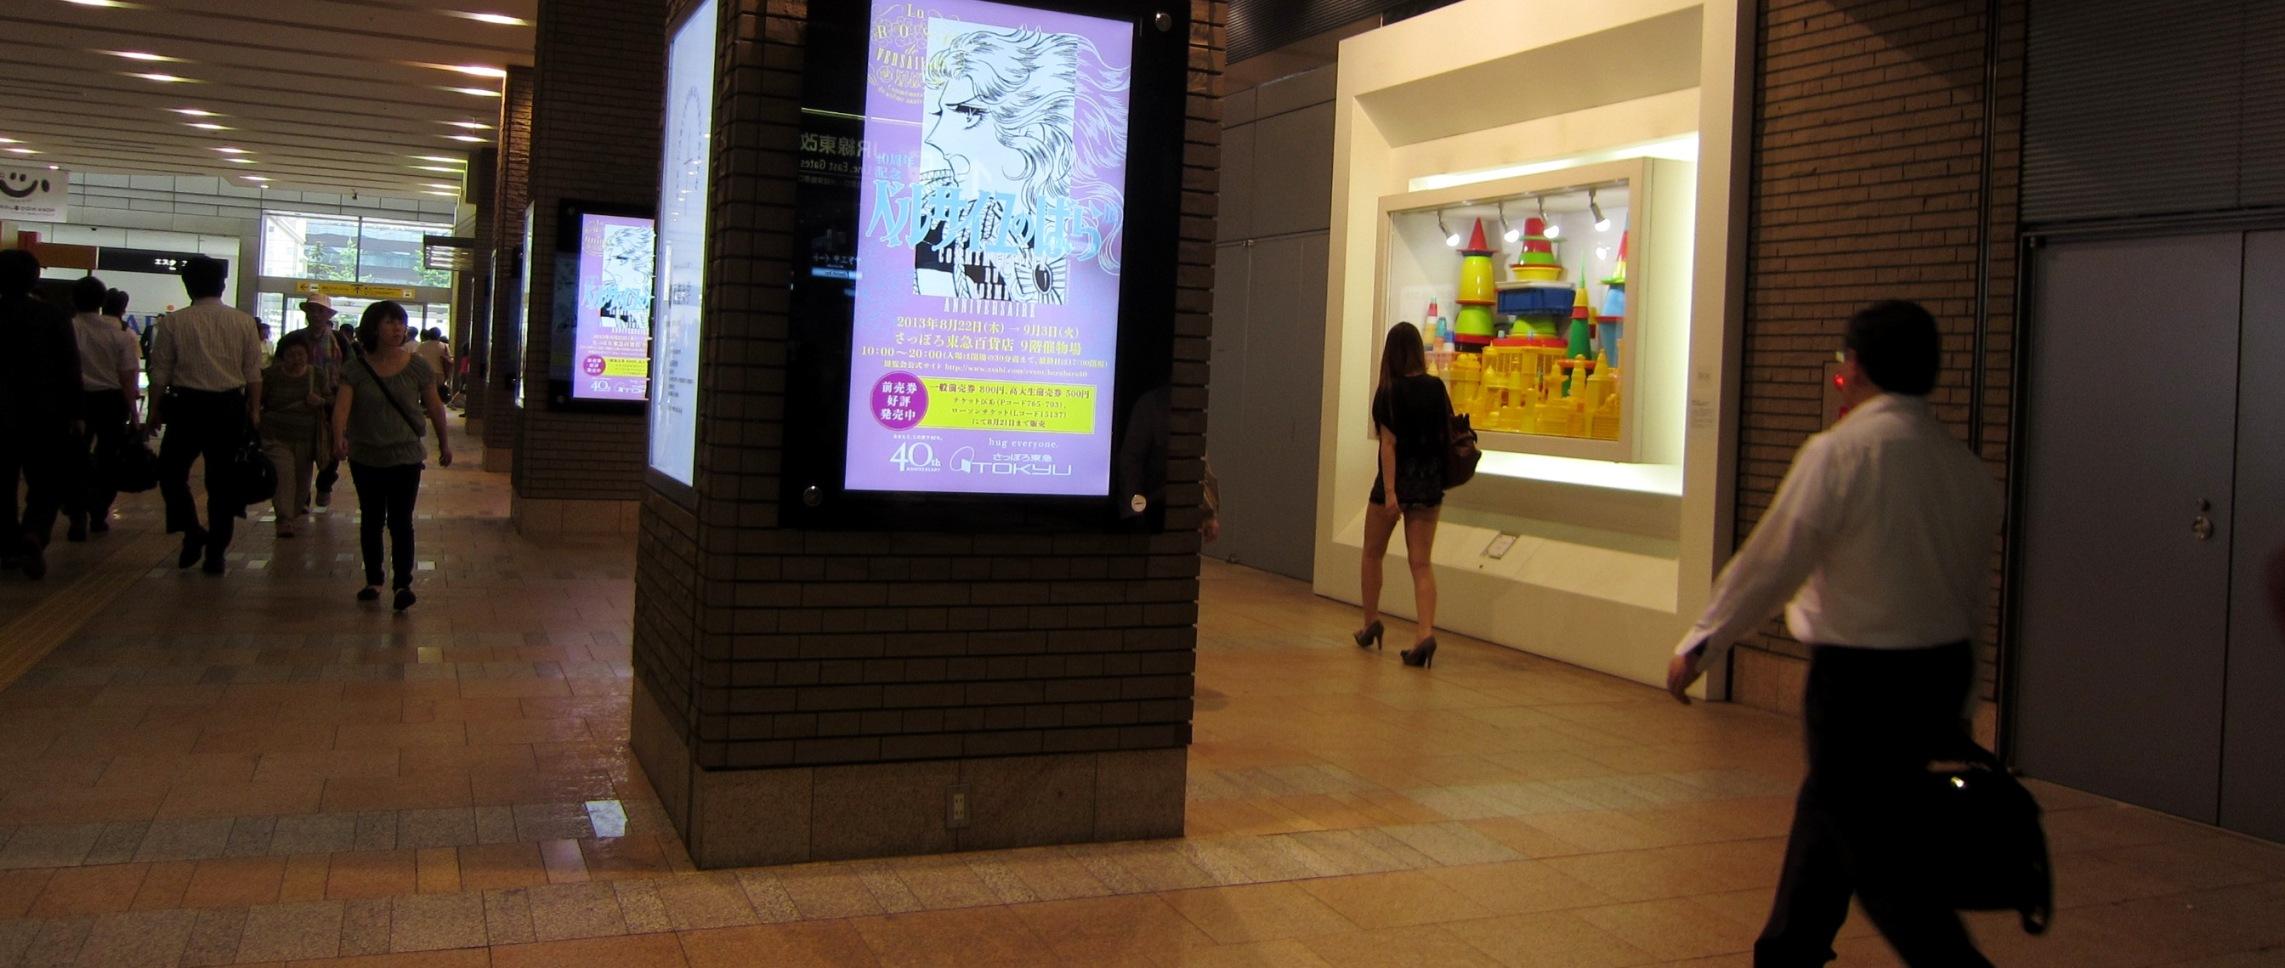 2089)「西田卓司<現代美術作家> [カラフルから降るカラー]」 JRタワーARTBOX 6月1日(土)~8月31日(土)_f0126829_023119.jpg